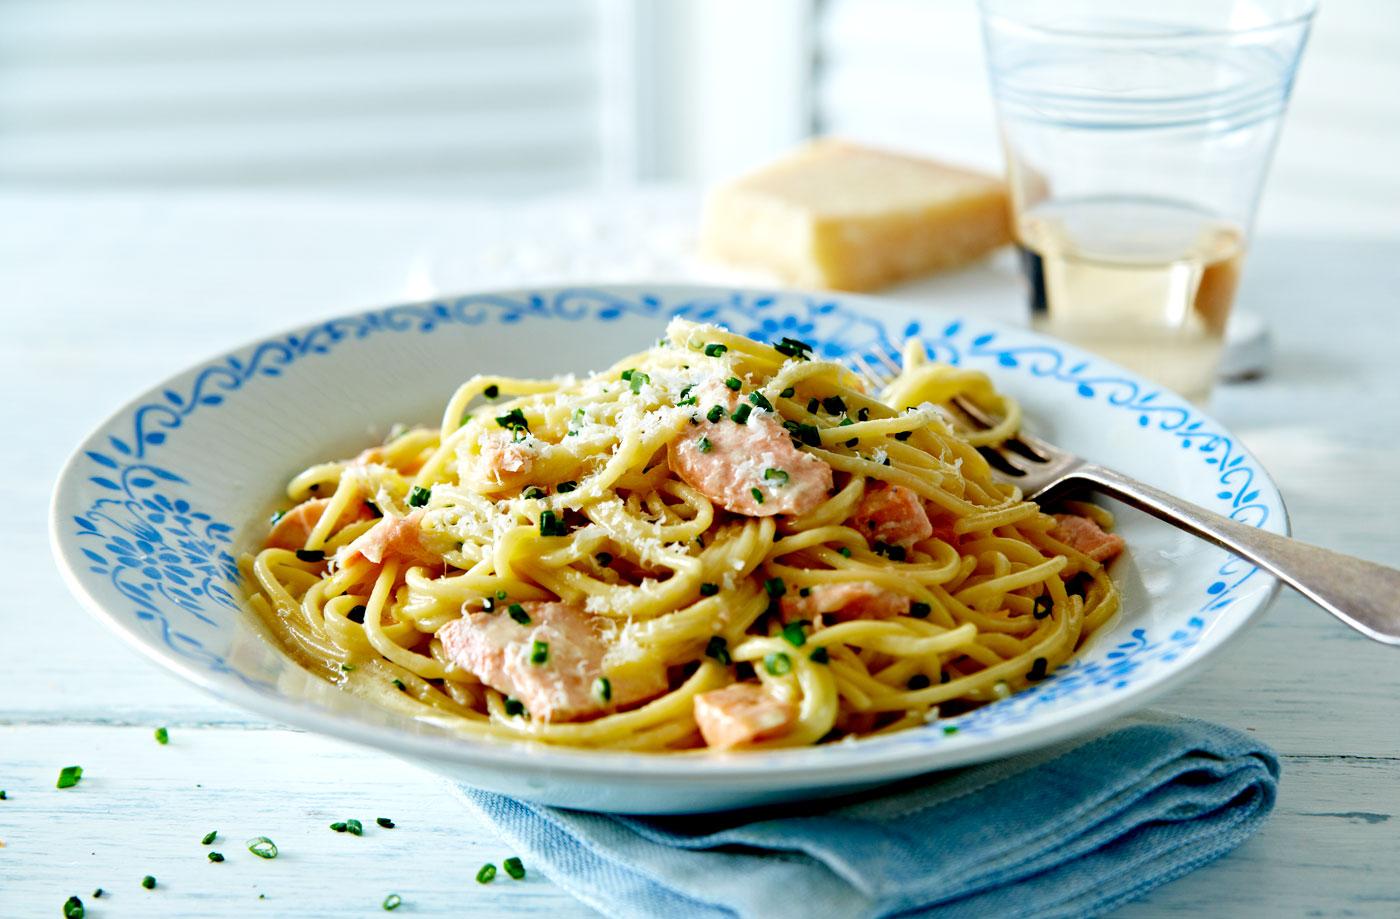 Jangan Kasih Mie Instan! Coba Spaghetti Sehat Untuk Anak!